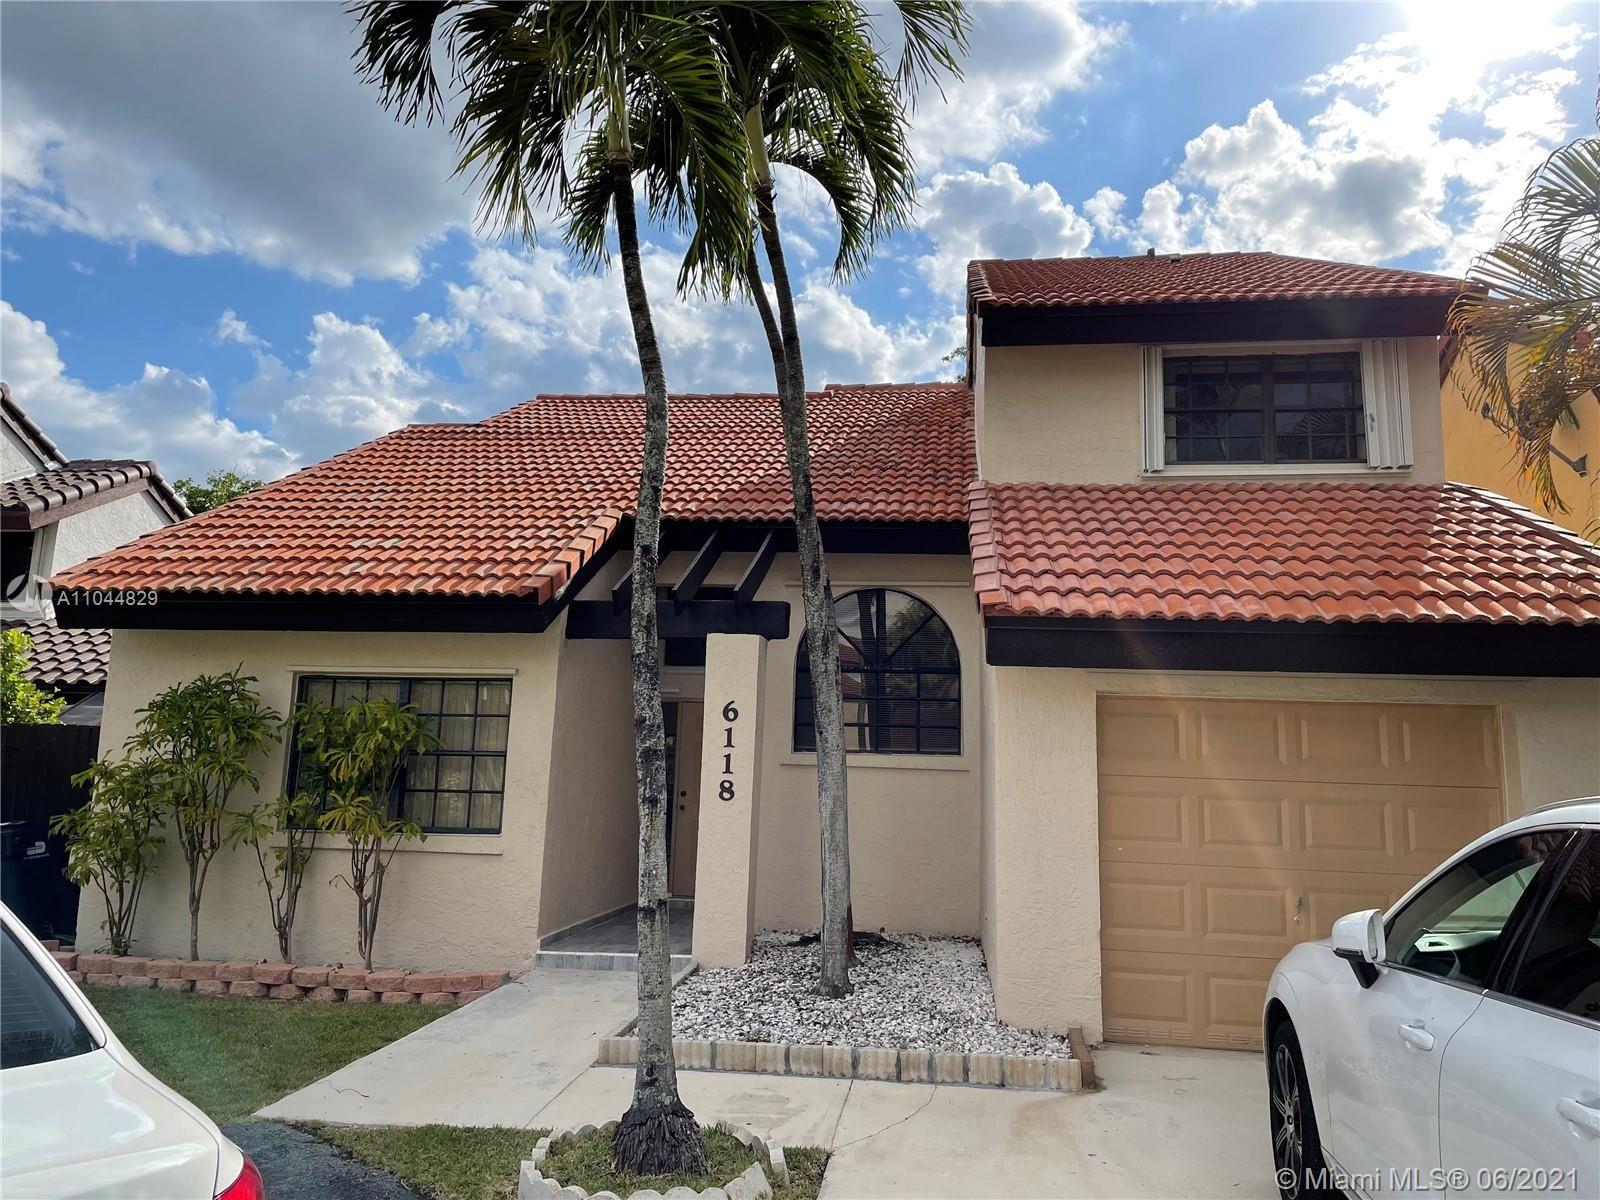 6118 SW 127th Pl, Miami, FL 33183 - #: A11044829